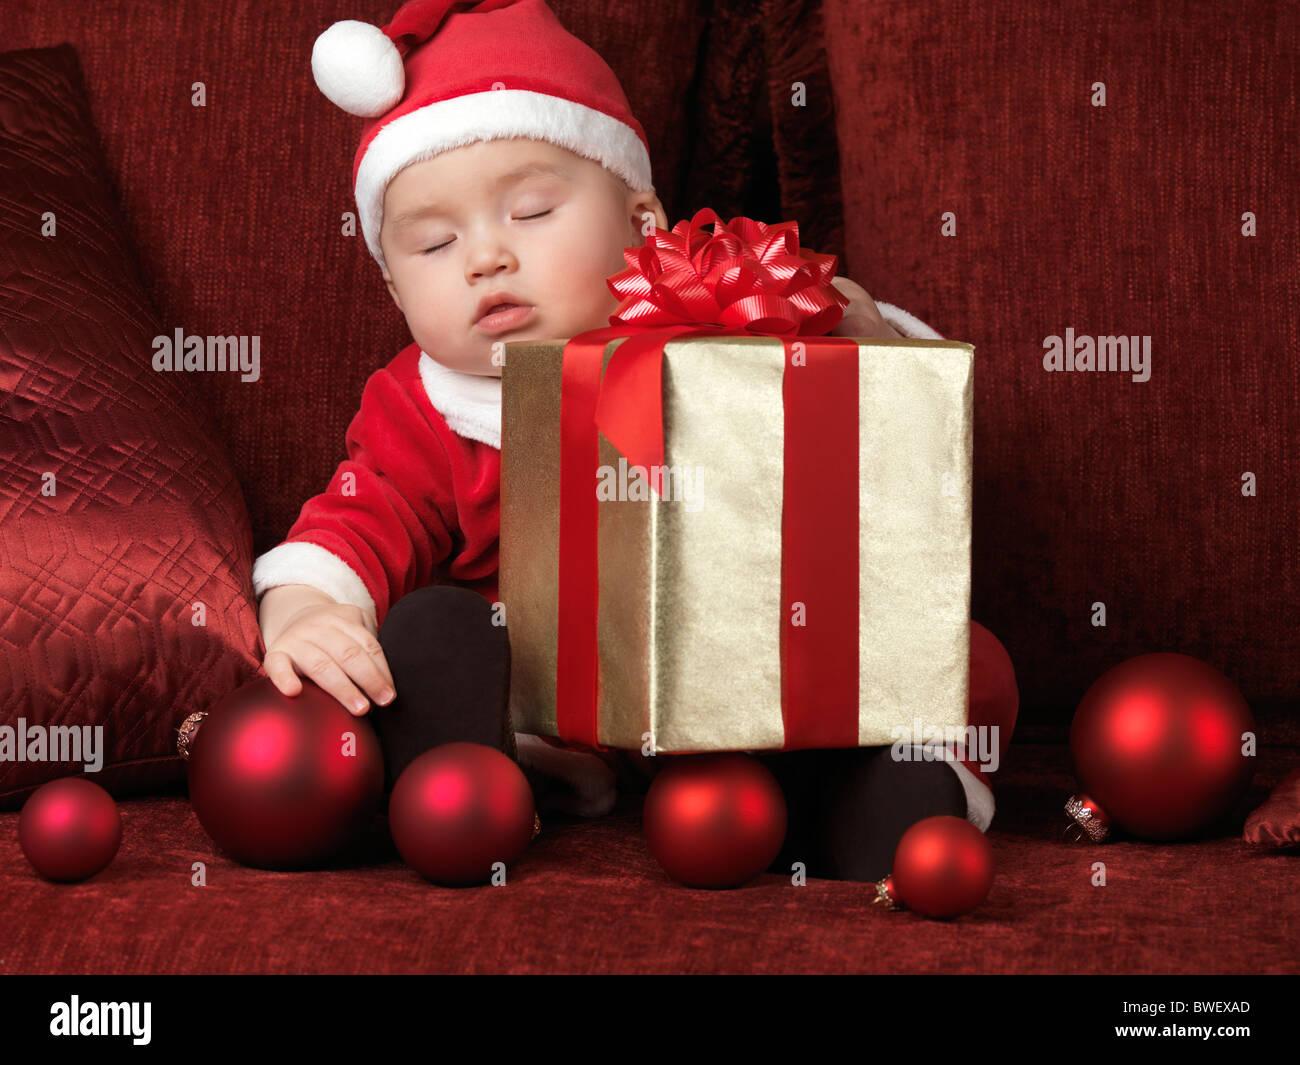 Seis meses Baby Boy en Santa traje dormir con un regalo de Navidad en su regazo Imagen De Stock